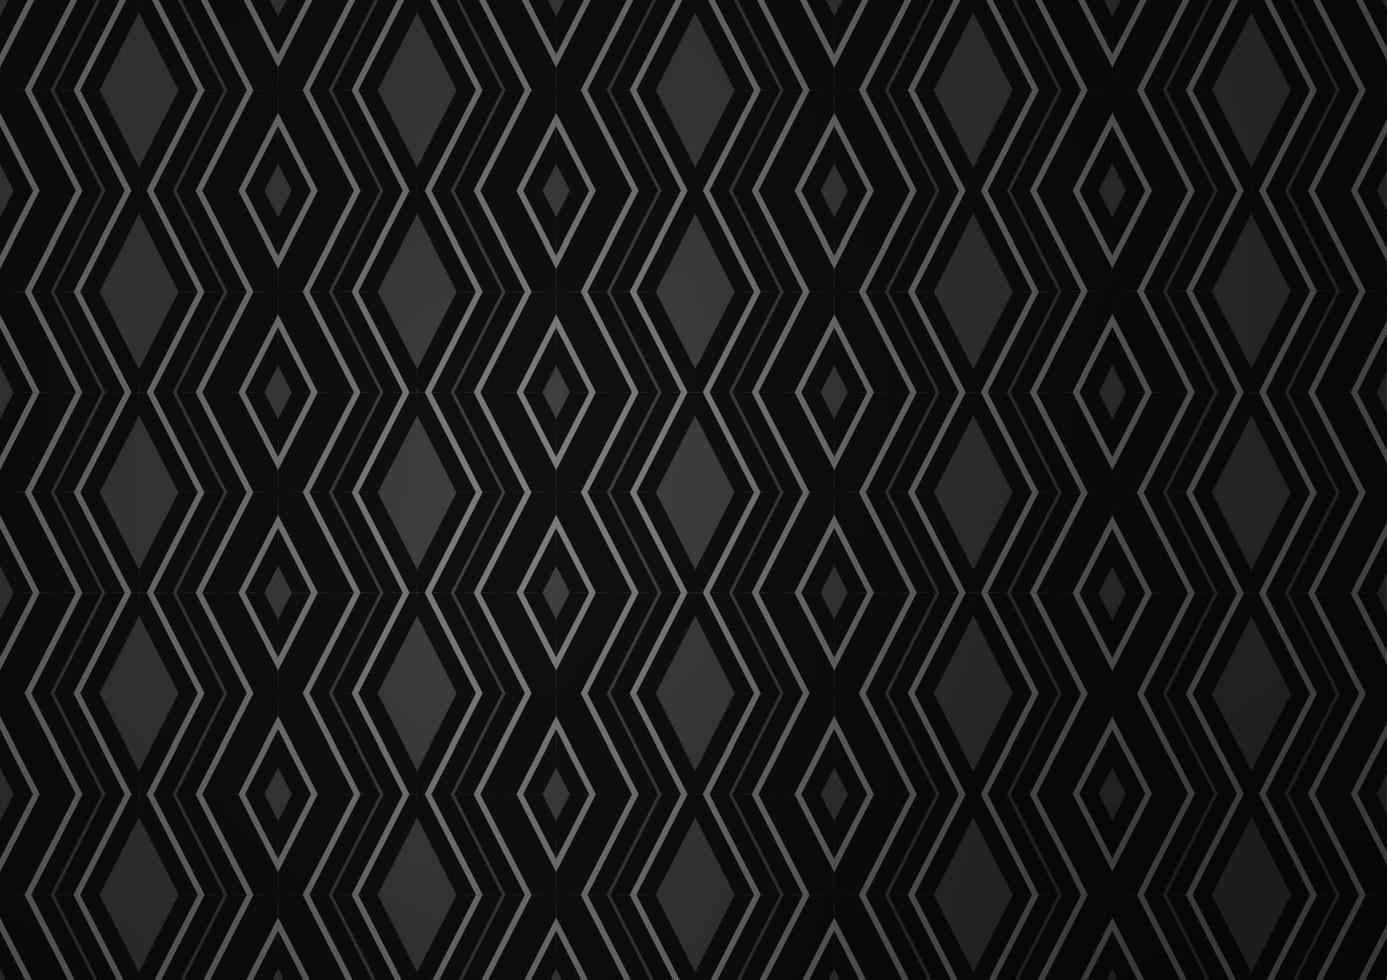 modelo de vetor preto escuro com varas, quadrados.